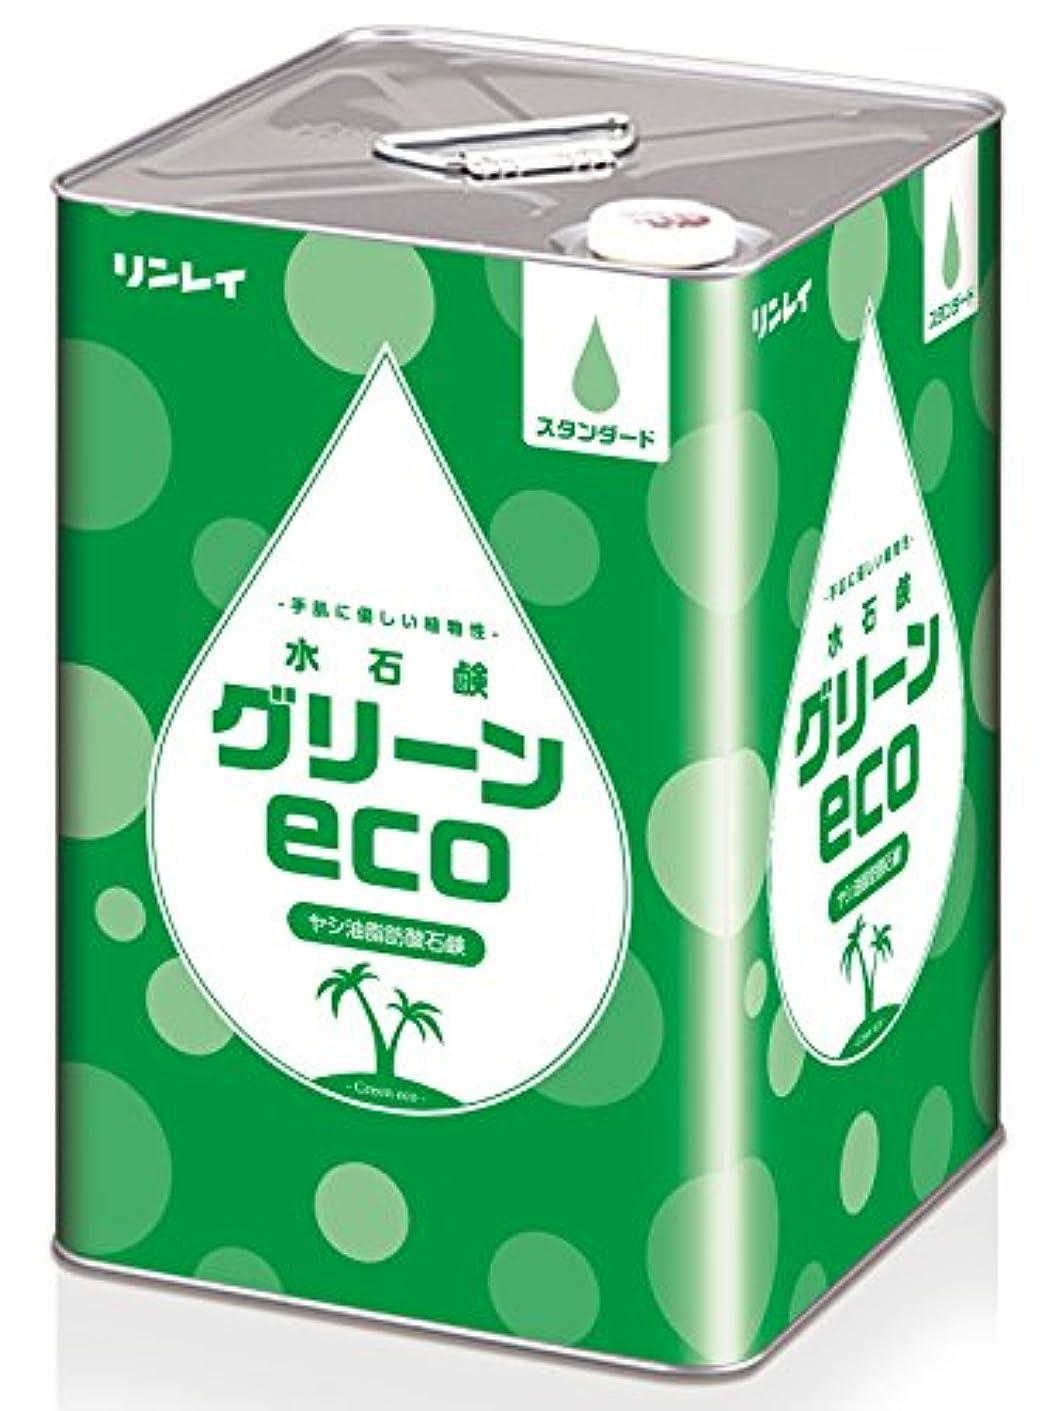 貴重なタイト囲むリンレイ 業務用 植物性ハンドソープ 水石鹸グリーンeco 18L